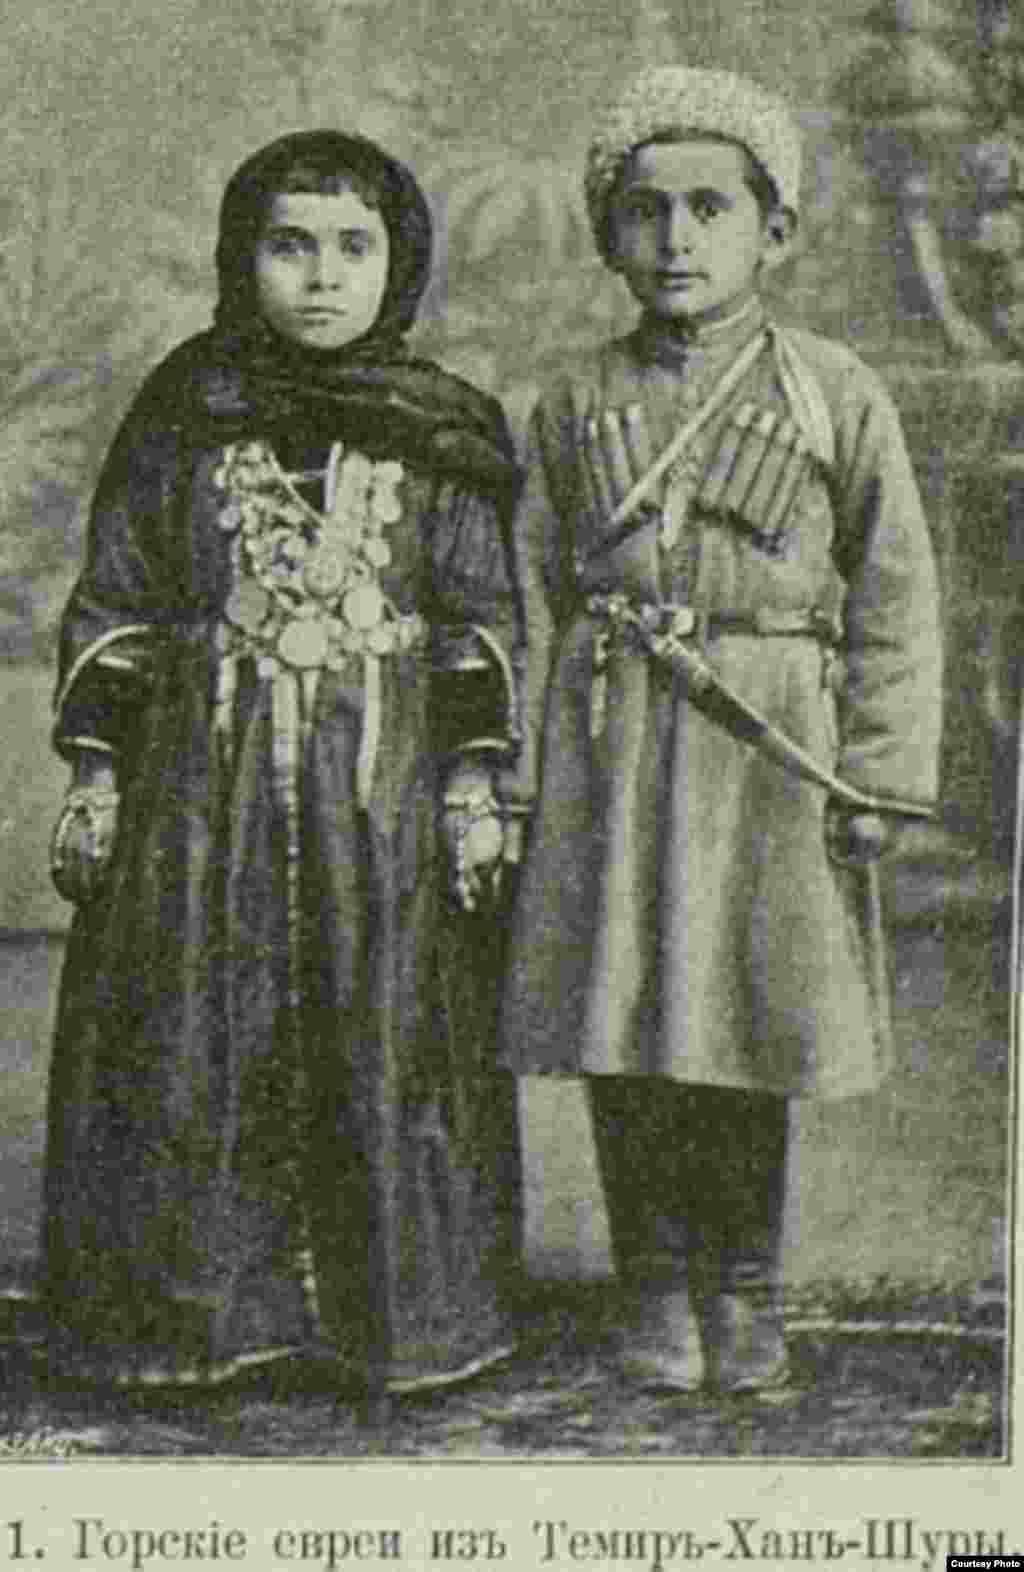 Горские евреи в быту и одежде были схожи с горцами Северного Кавказа